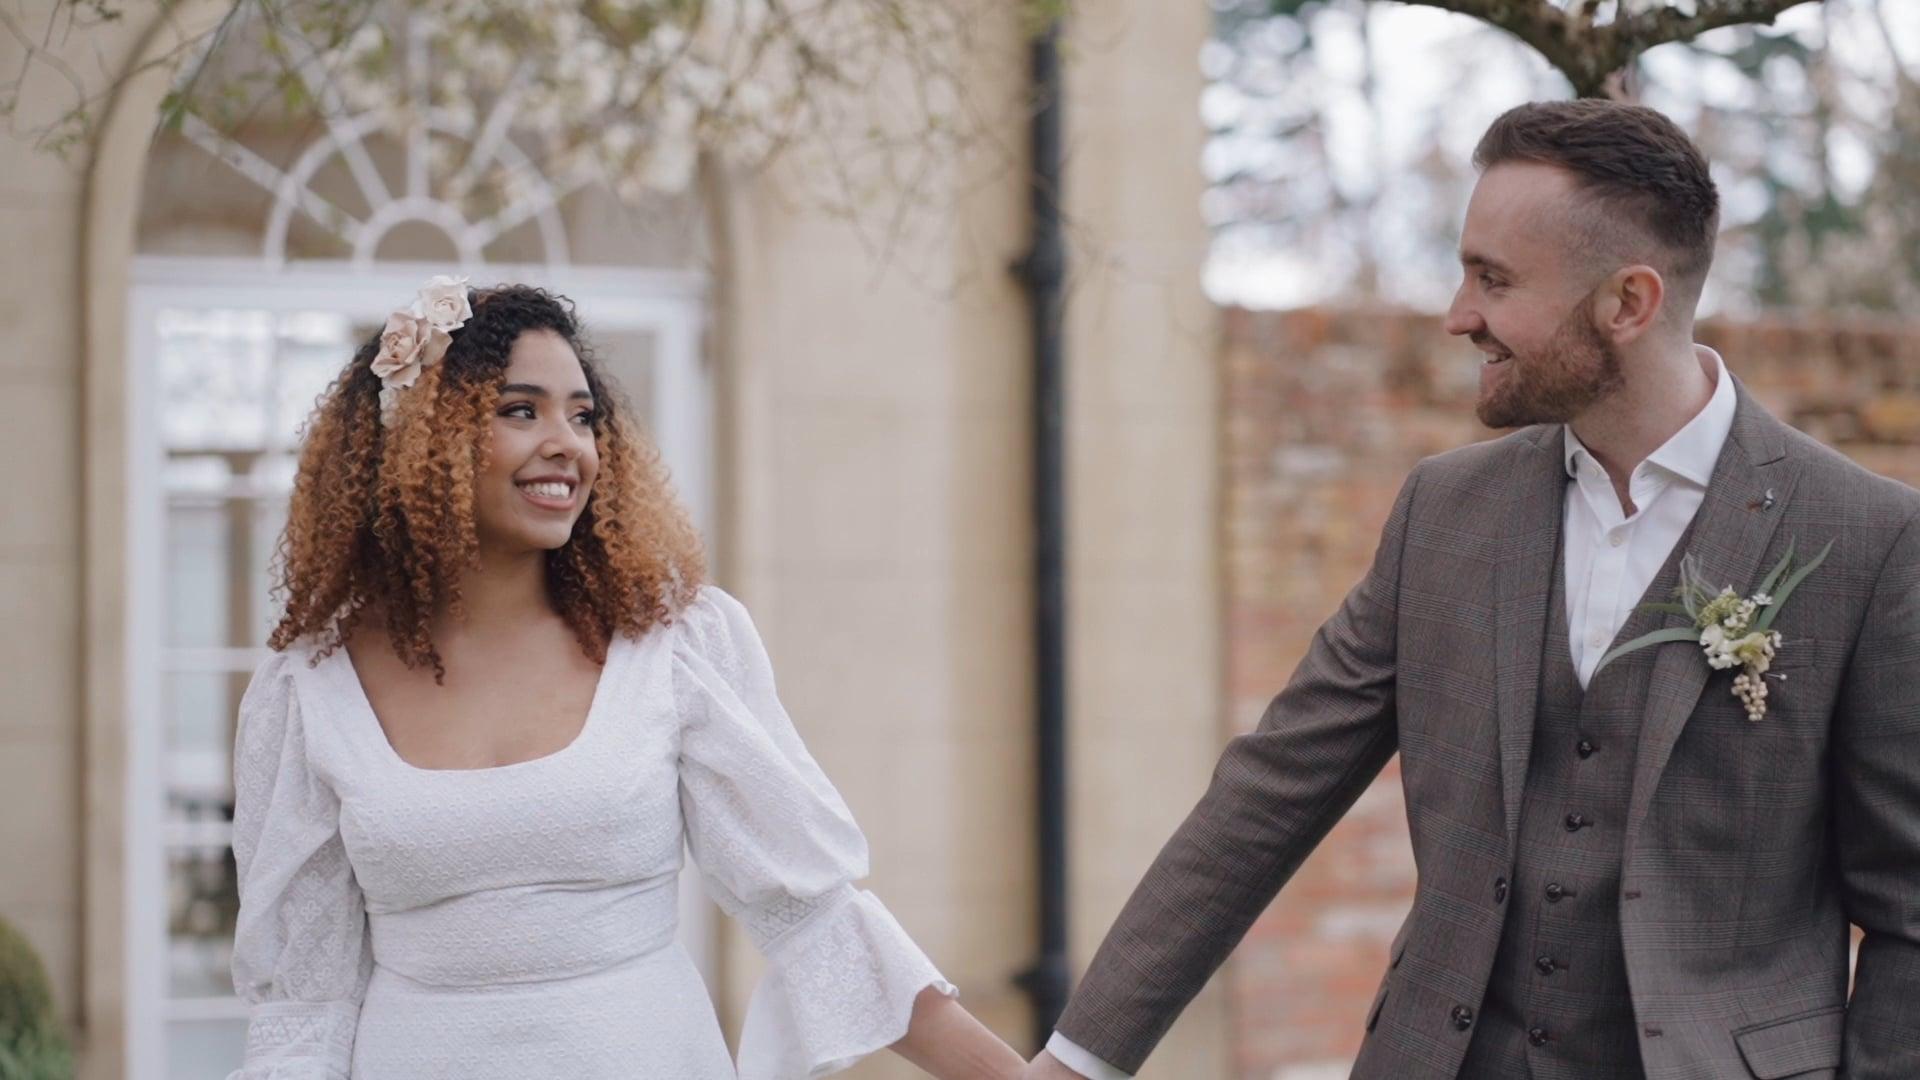 Wild Romantic Elopement Wedding